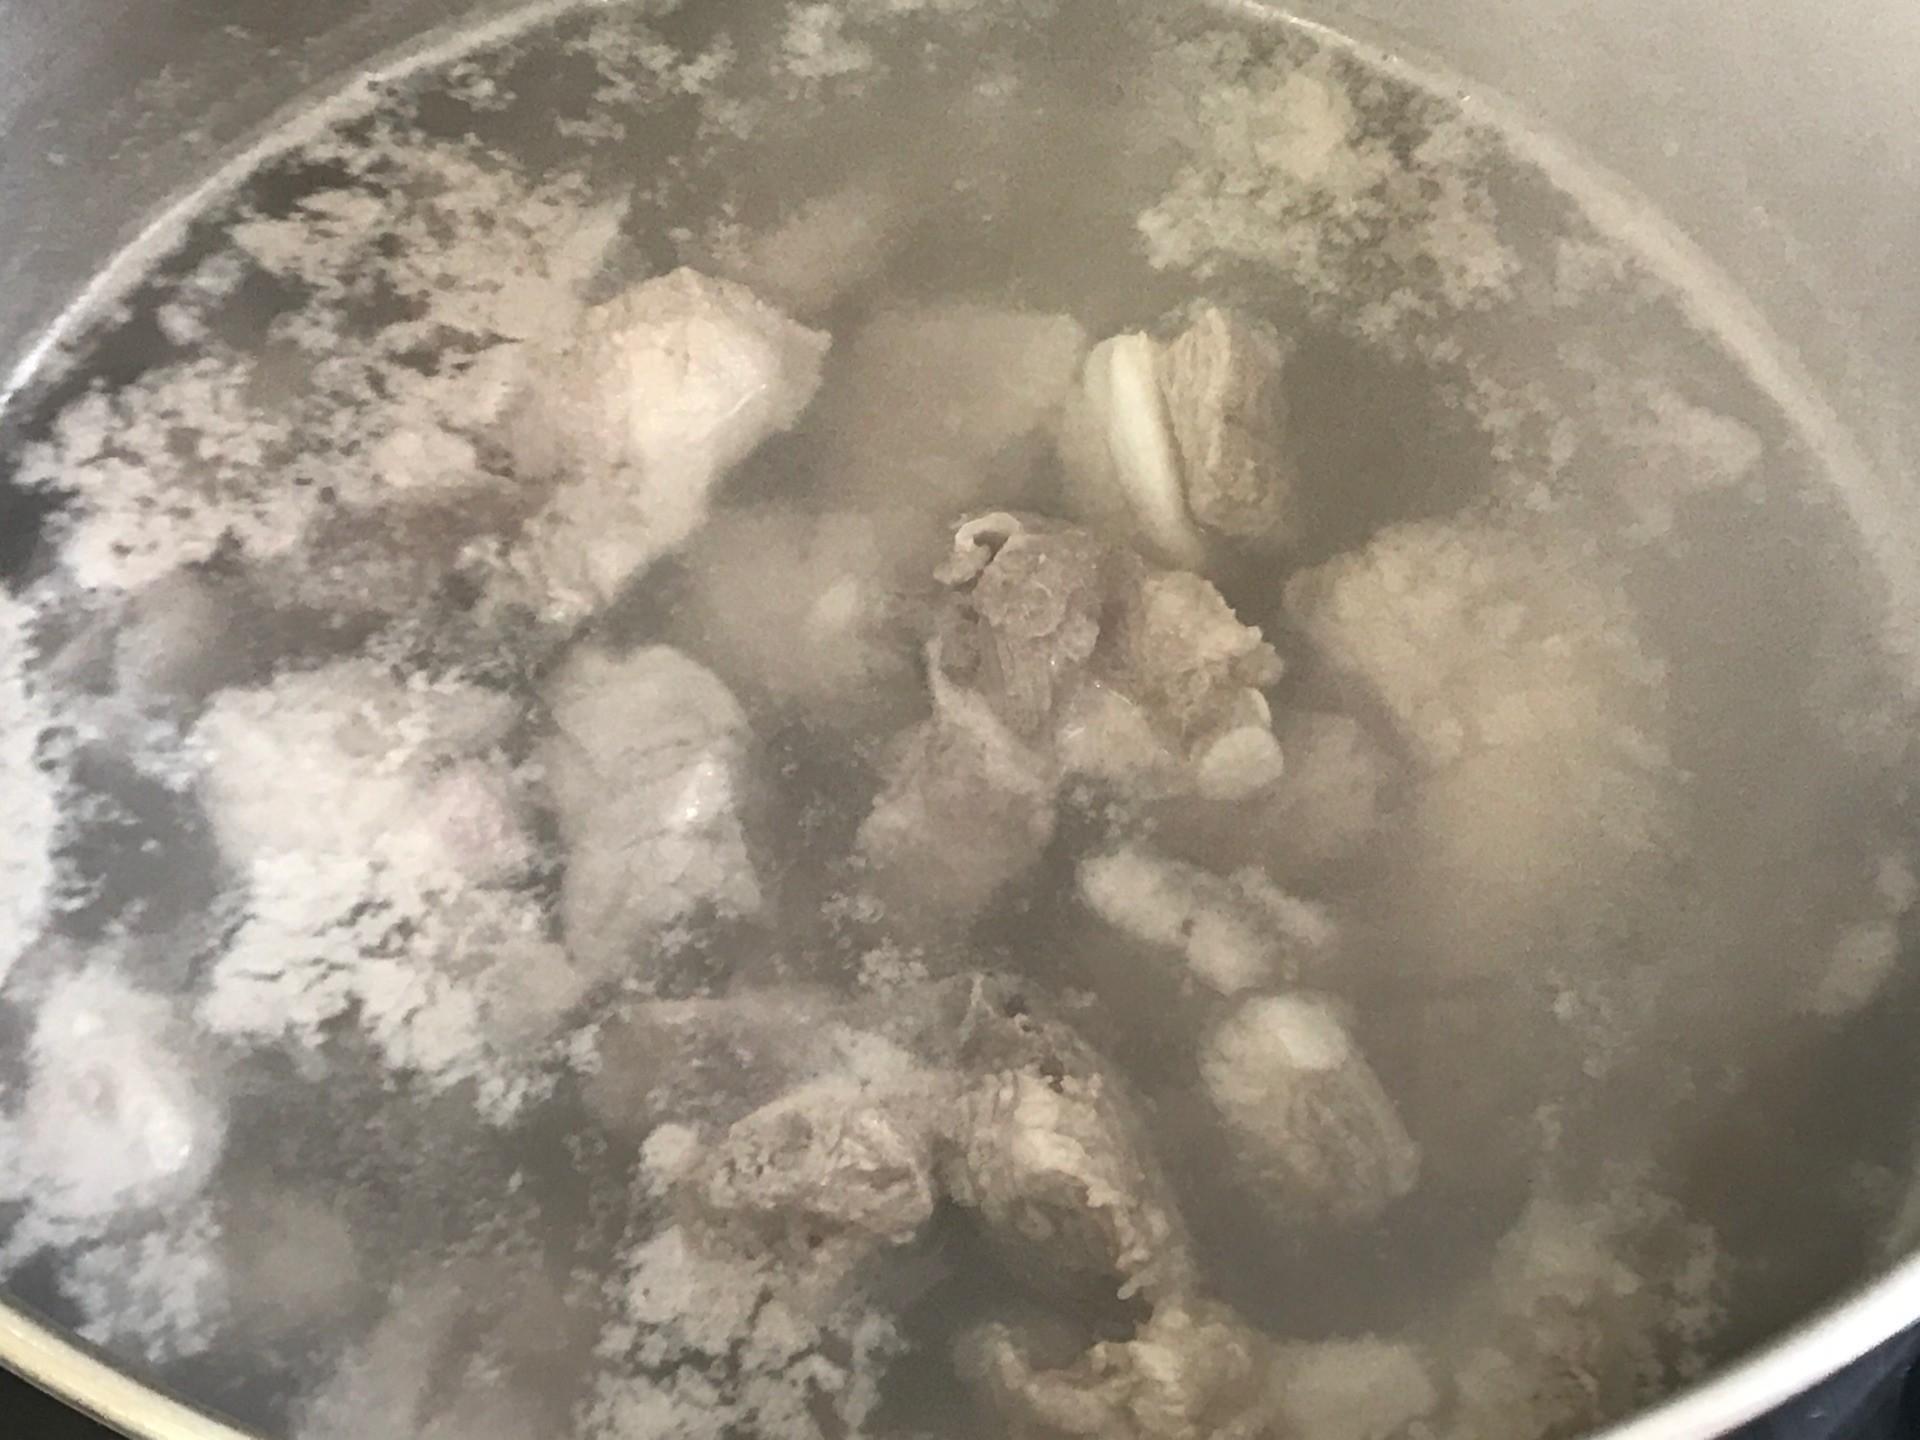 Thử nấu canh sườn theo kiểu mới, chắc chắn cả nhà bạn thích mê-3